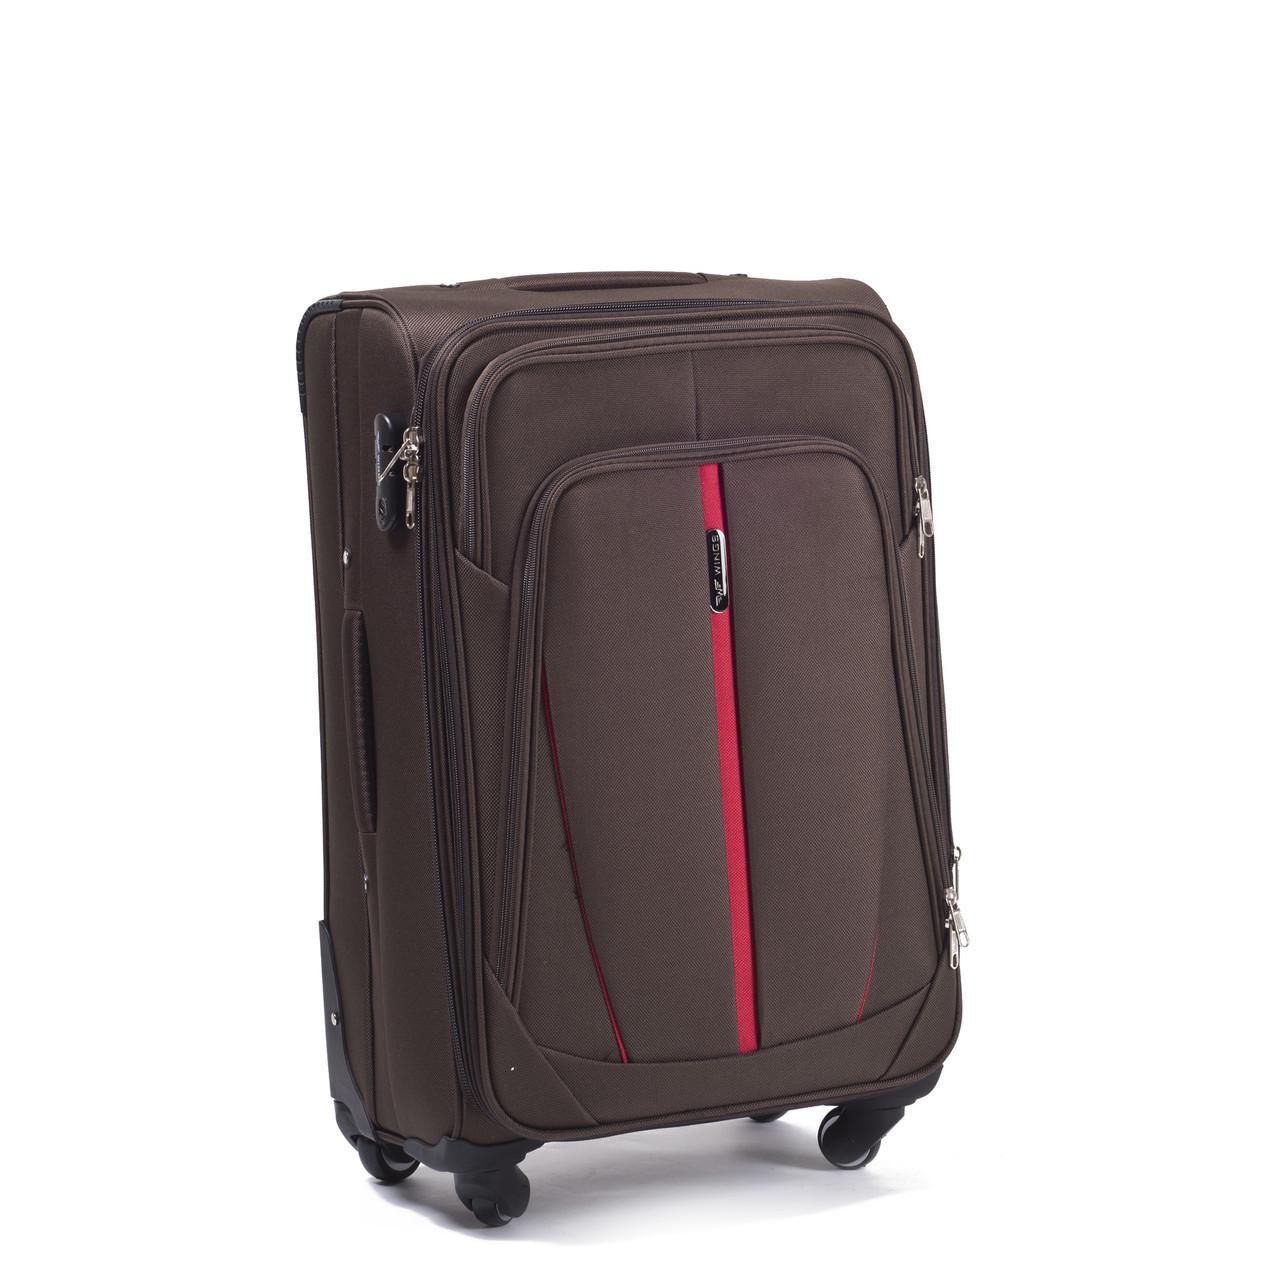 Чемодан сумка Suitcase (небольшой) 4 колеса коричневый